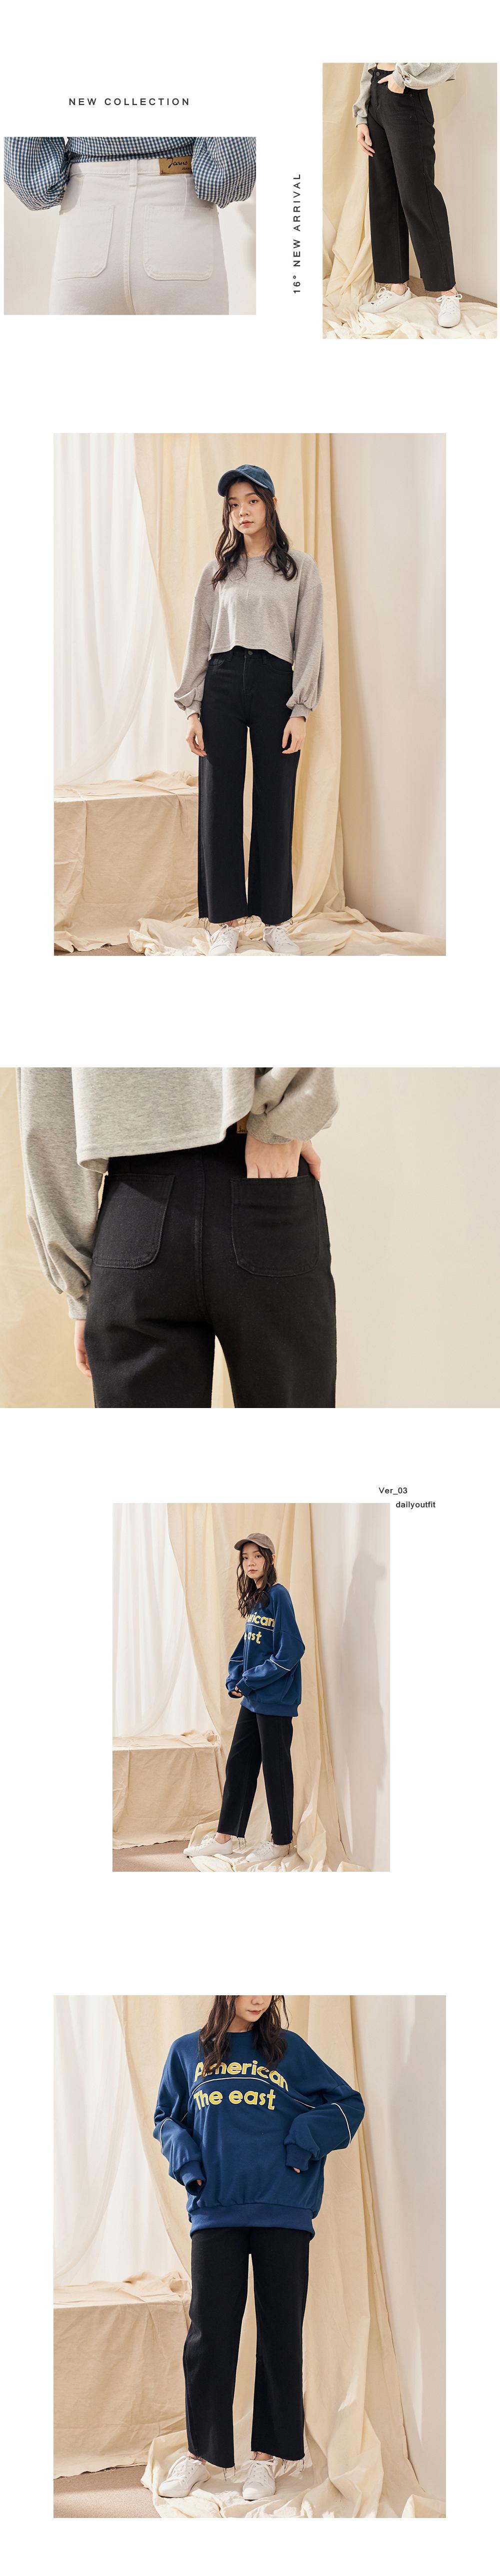 立體挺版黑白牛仔寬褲